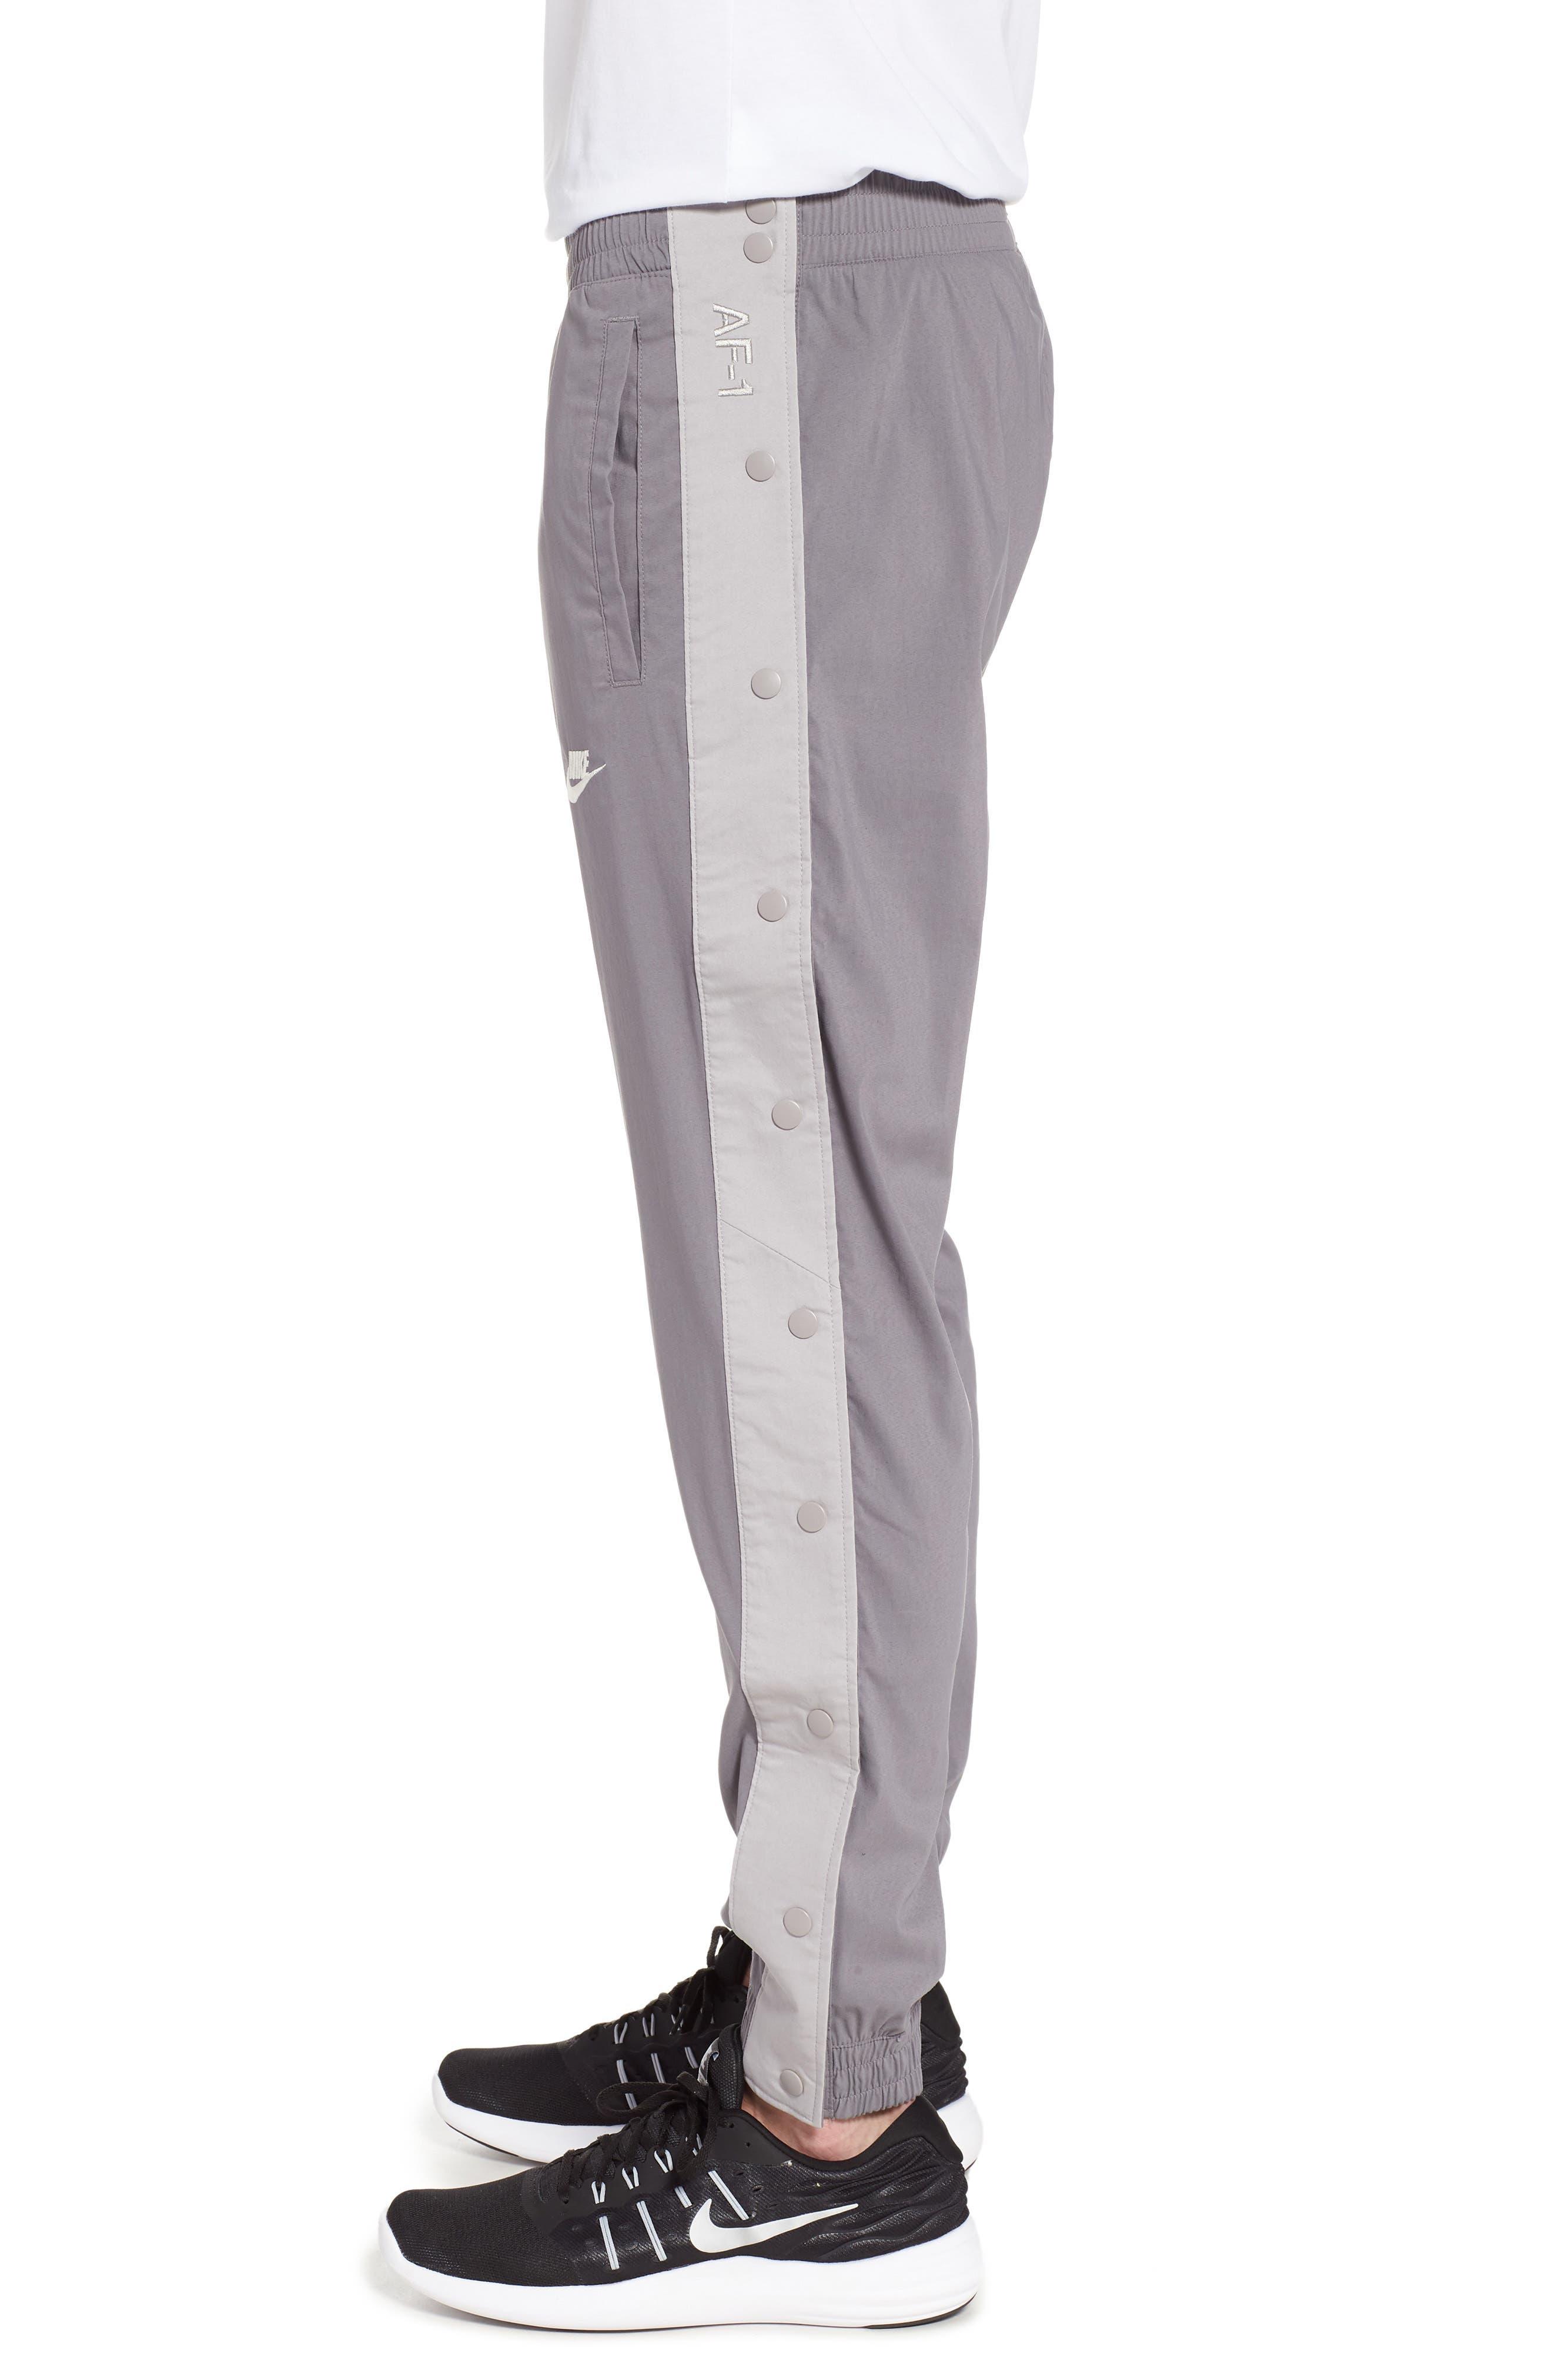 NSW Air Force 1 Lounge Pants,                             Alternate thumbnail 3, color,                             Gunsmoke/ Grey/ Orewood